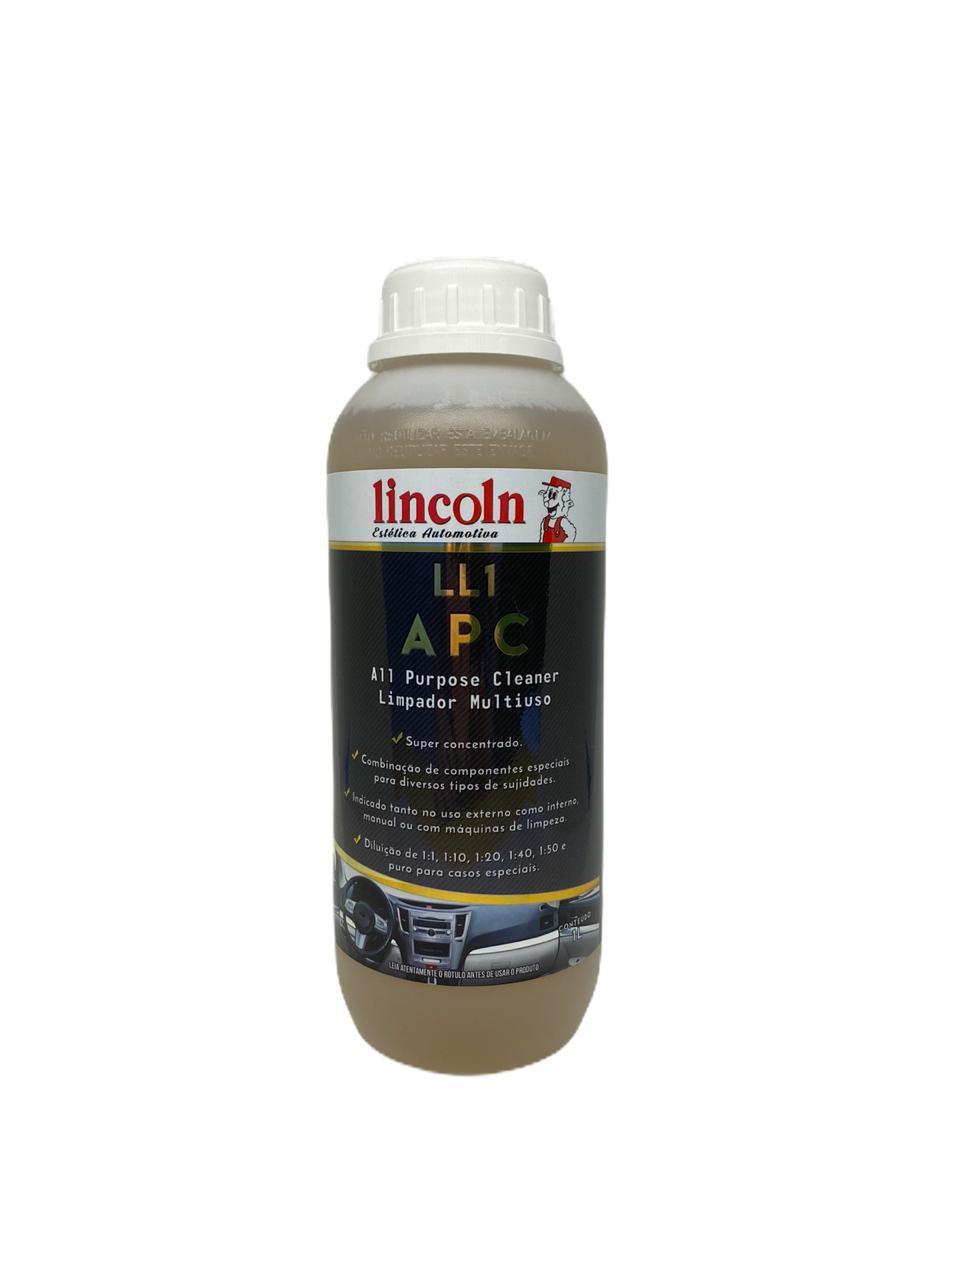 Limpador Multiuso Ll1 Apc Lincoln 1 Litro